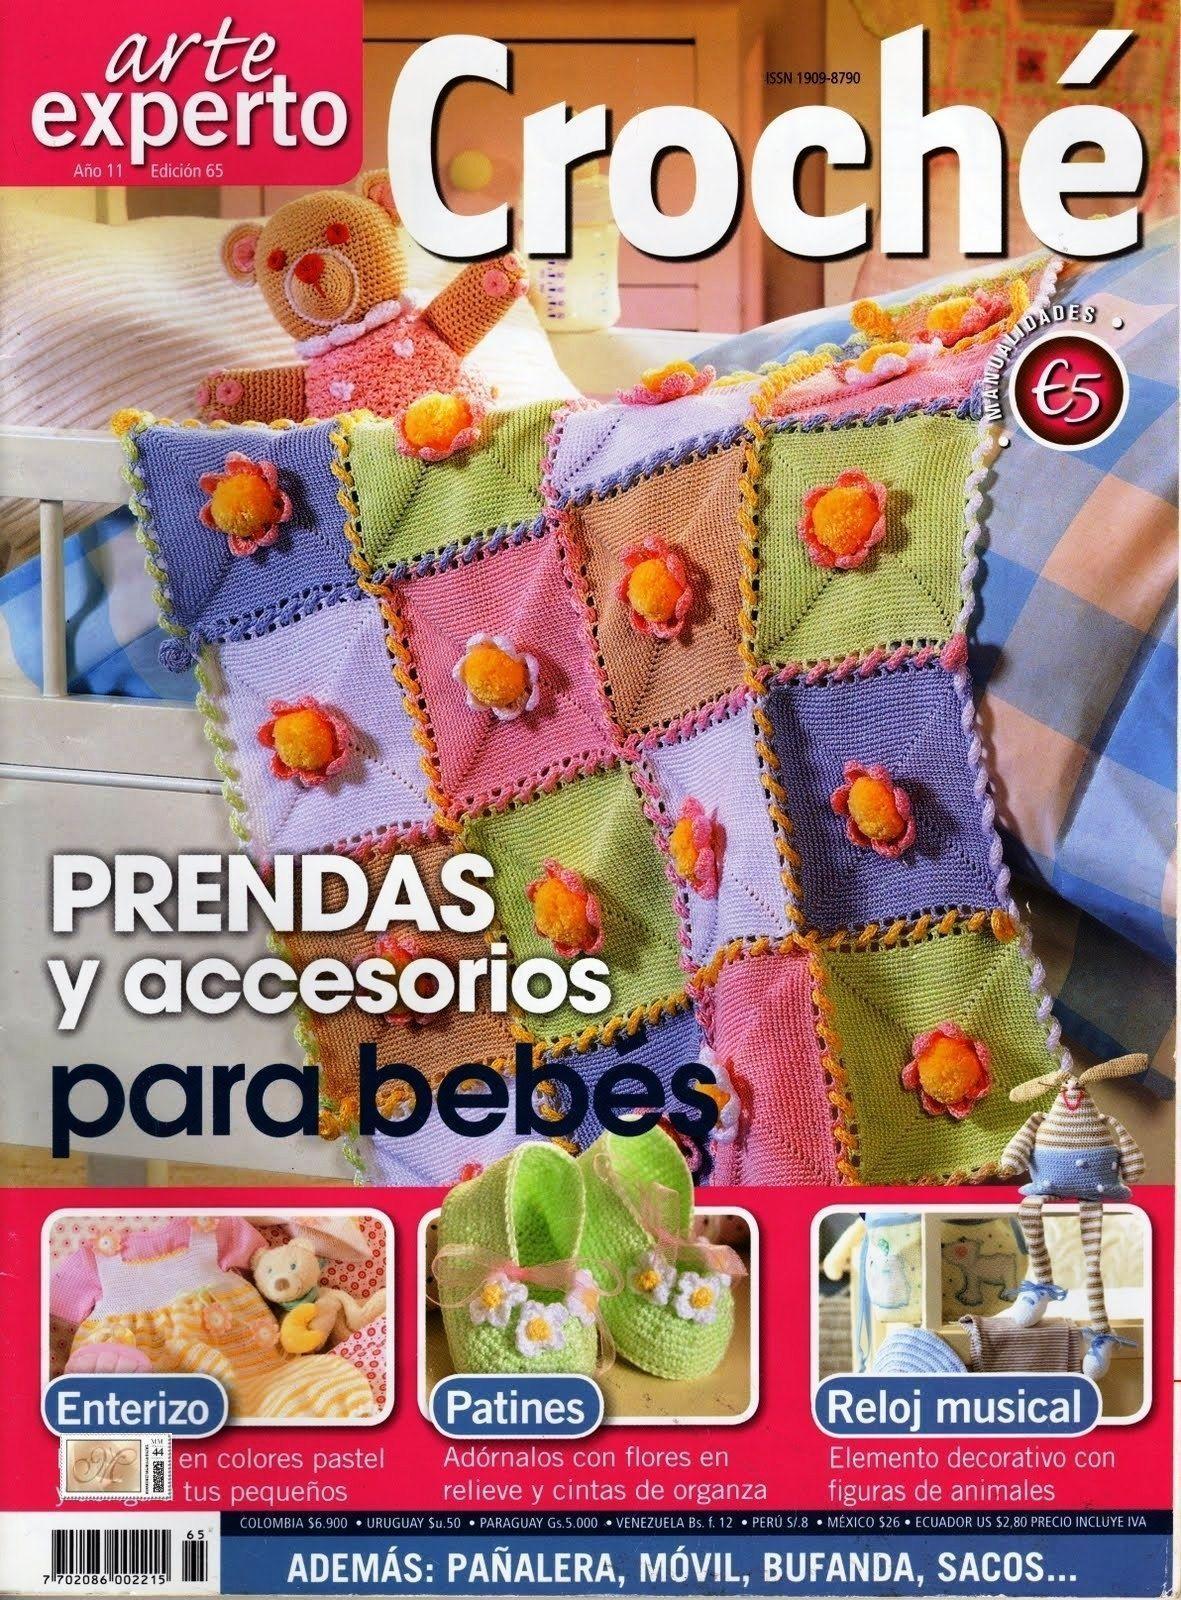 Prendas y accesorios para bebes en crochet - Patrones gratis